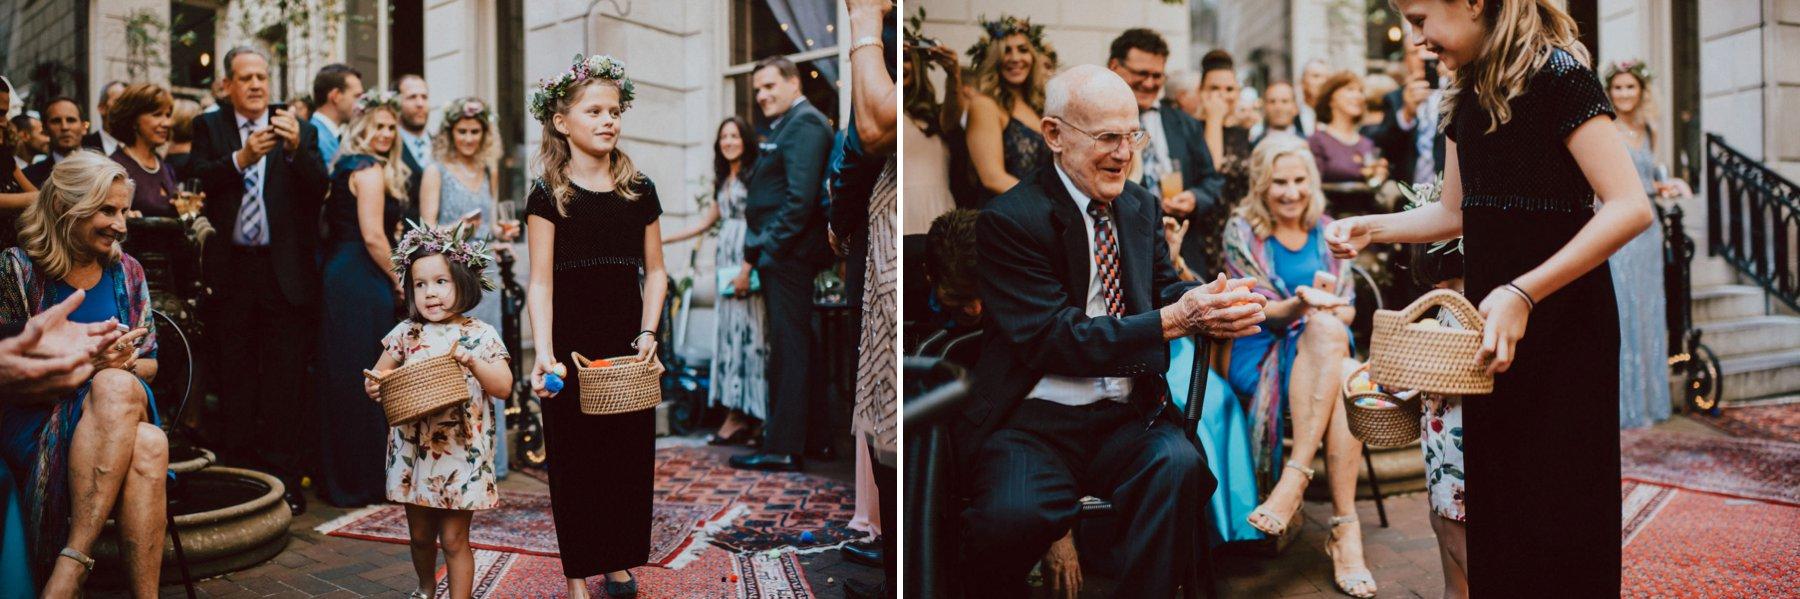 la-cheri-philadelphia-wedding-45.jpg